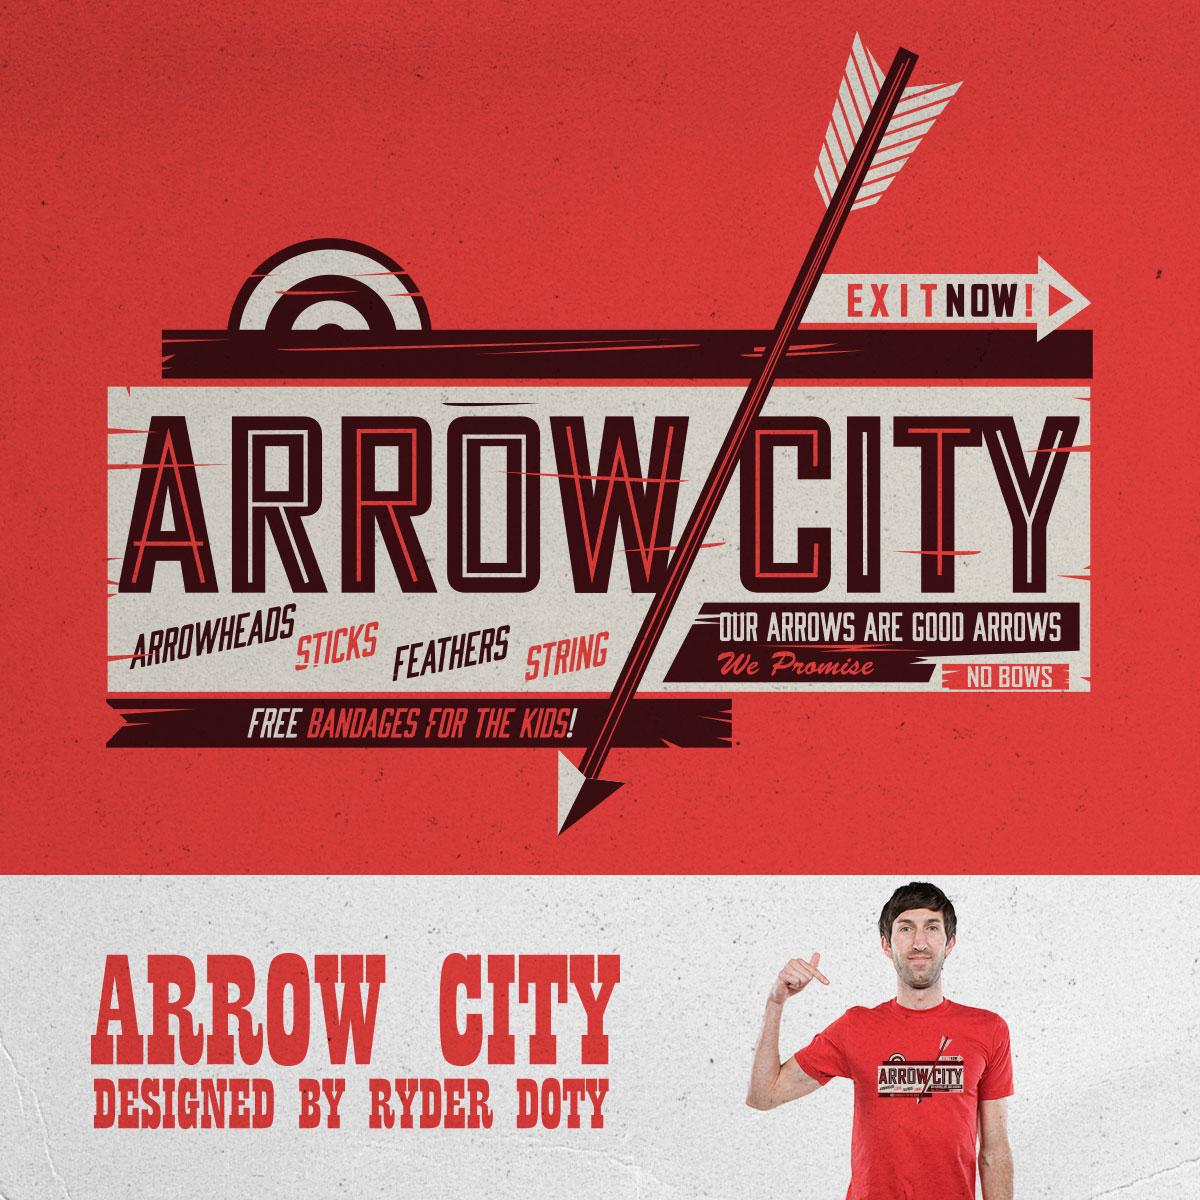 ARROW CITY by Ryder on Threadless